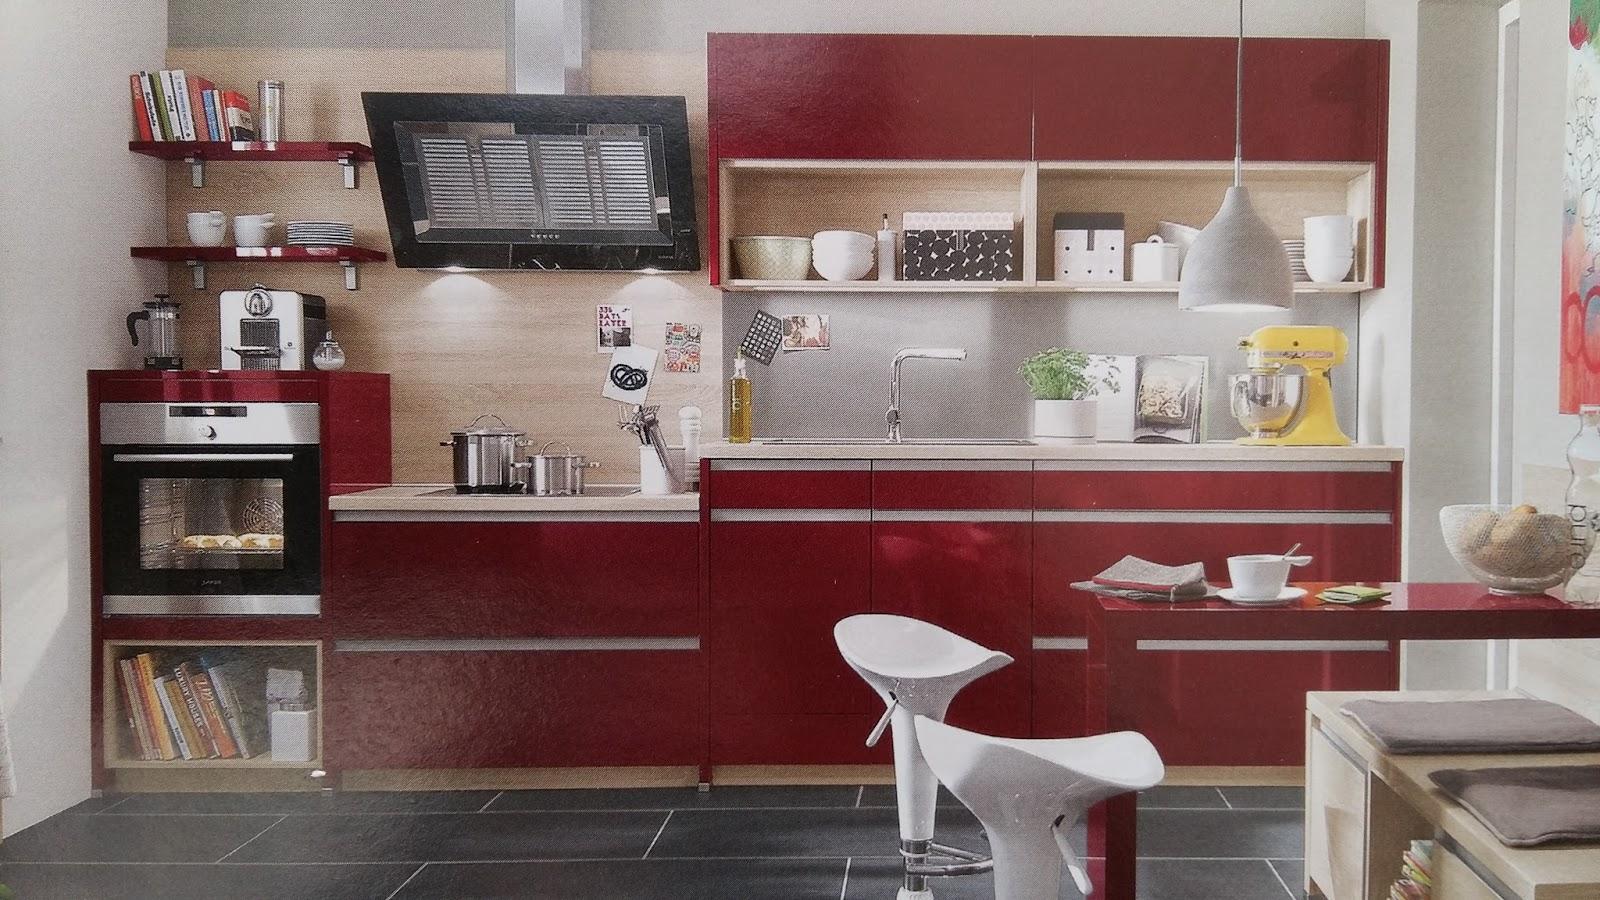 Plathoo dise o de cocinas y ba os 3d reformar la - Diseno de cocinas y banos ...